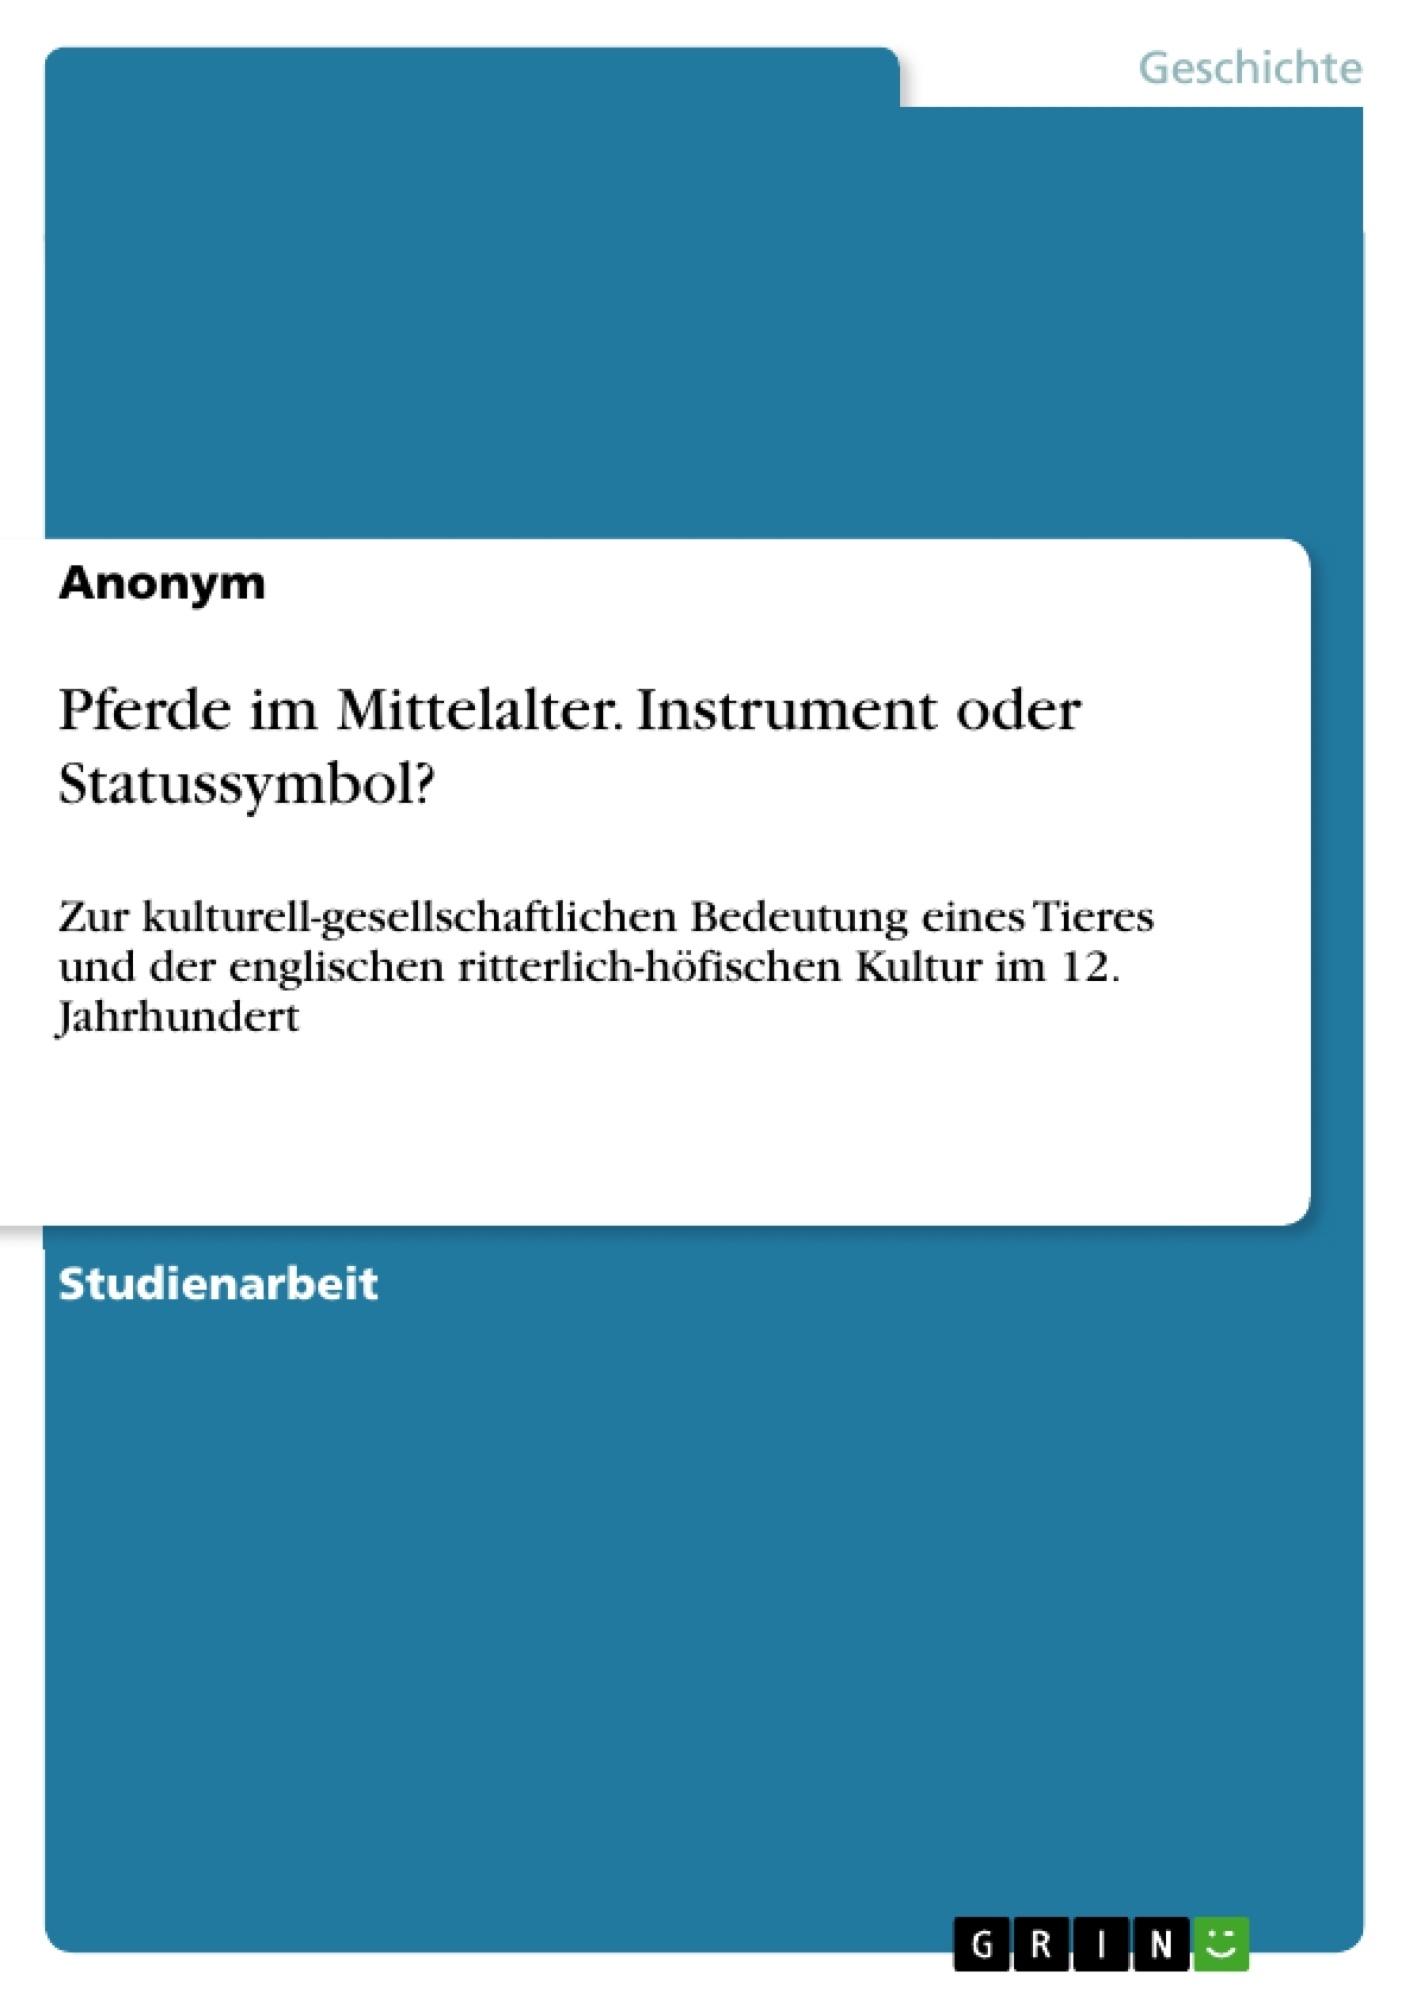 Titel: Pferde im Mittelalter. Instrument oder Statussymbol?